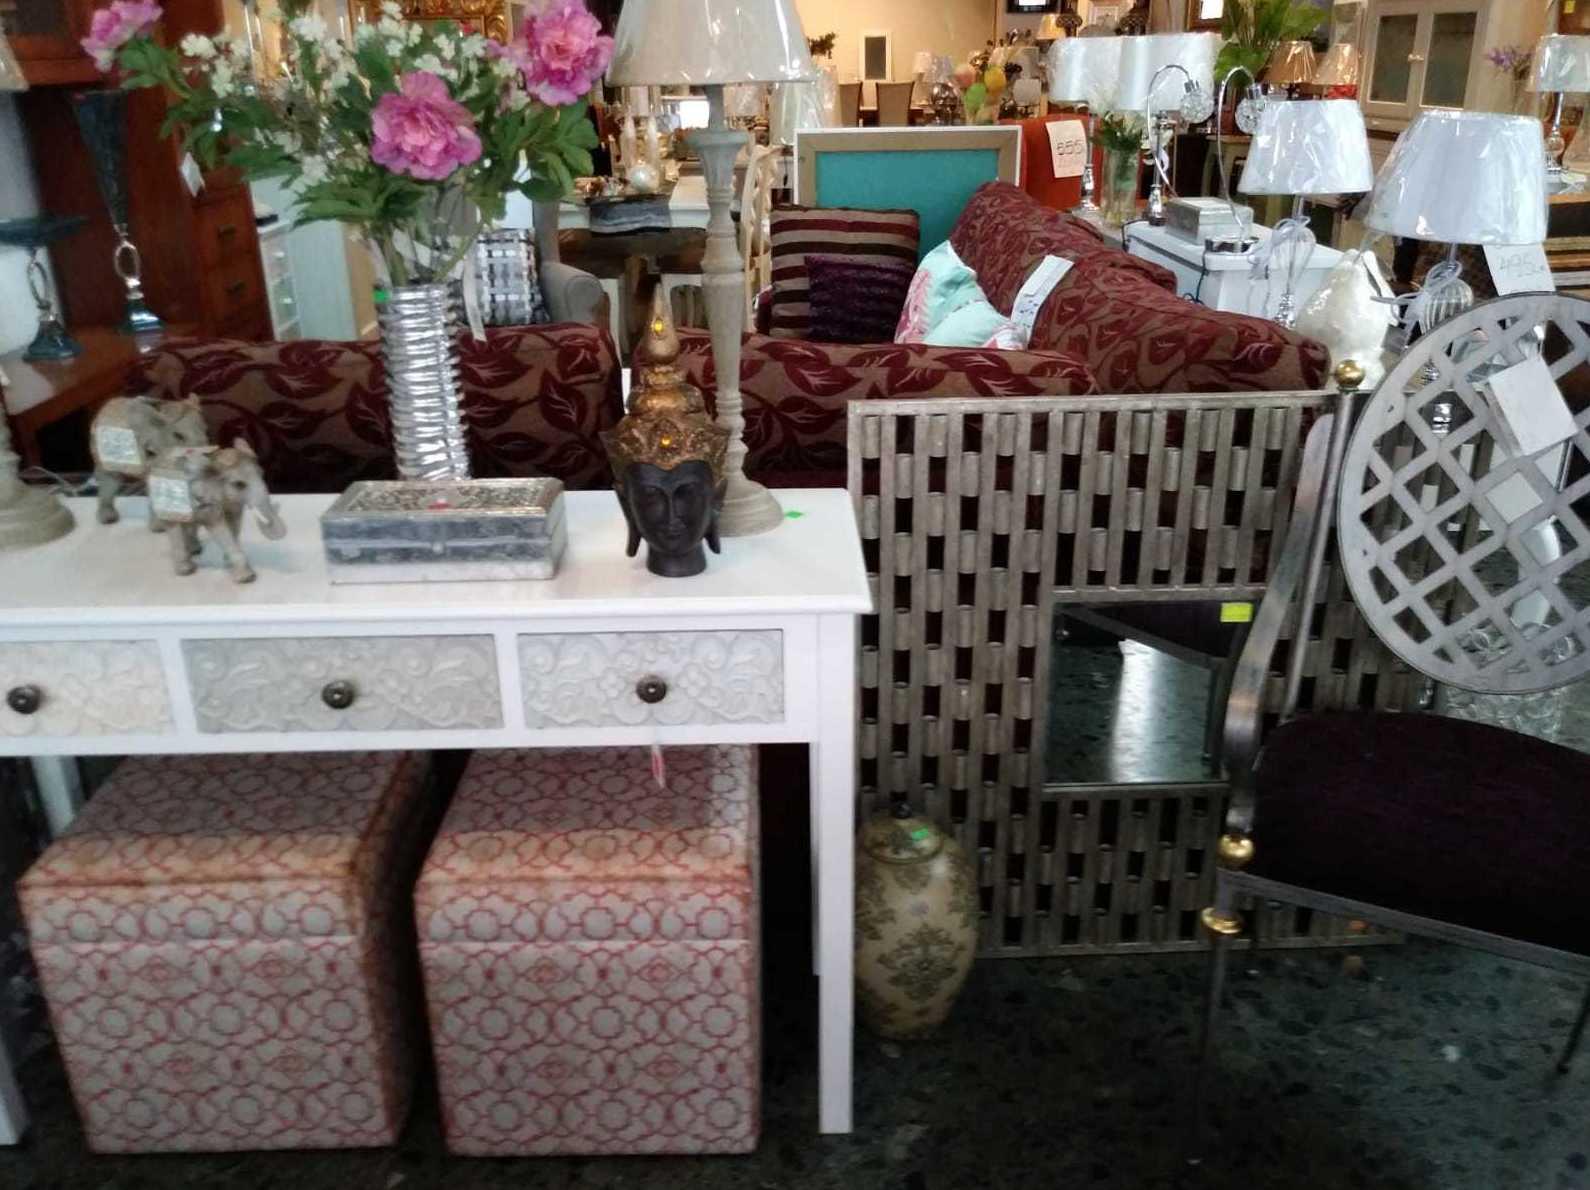 recibidor, puffs, sillón, silla, lámparas, espejo, jarrones en León